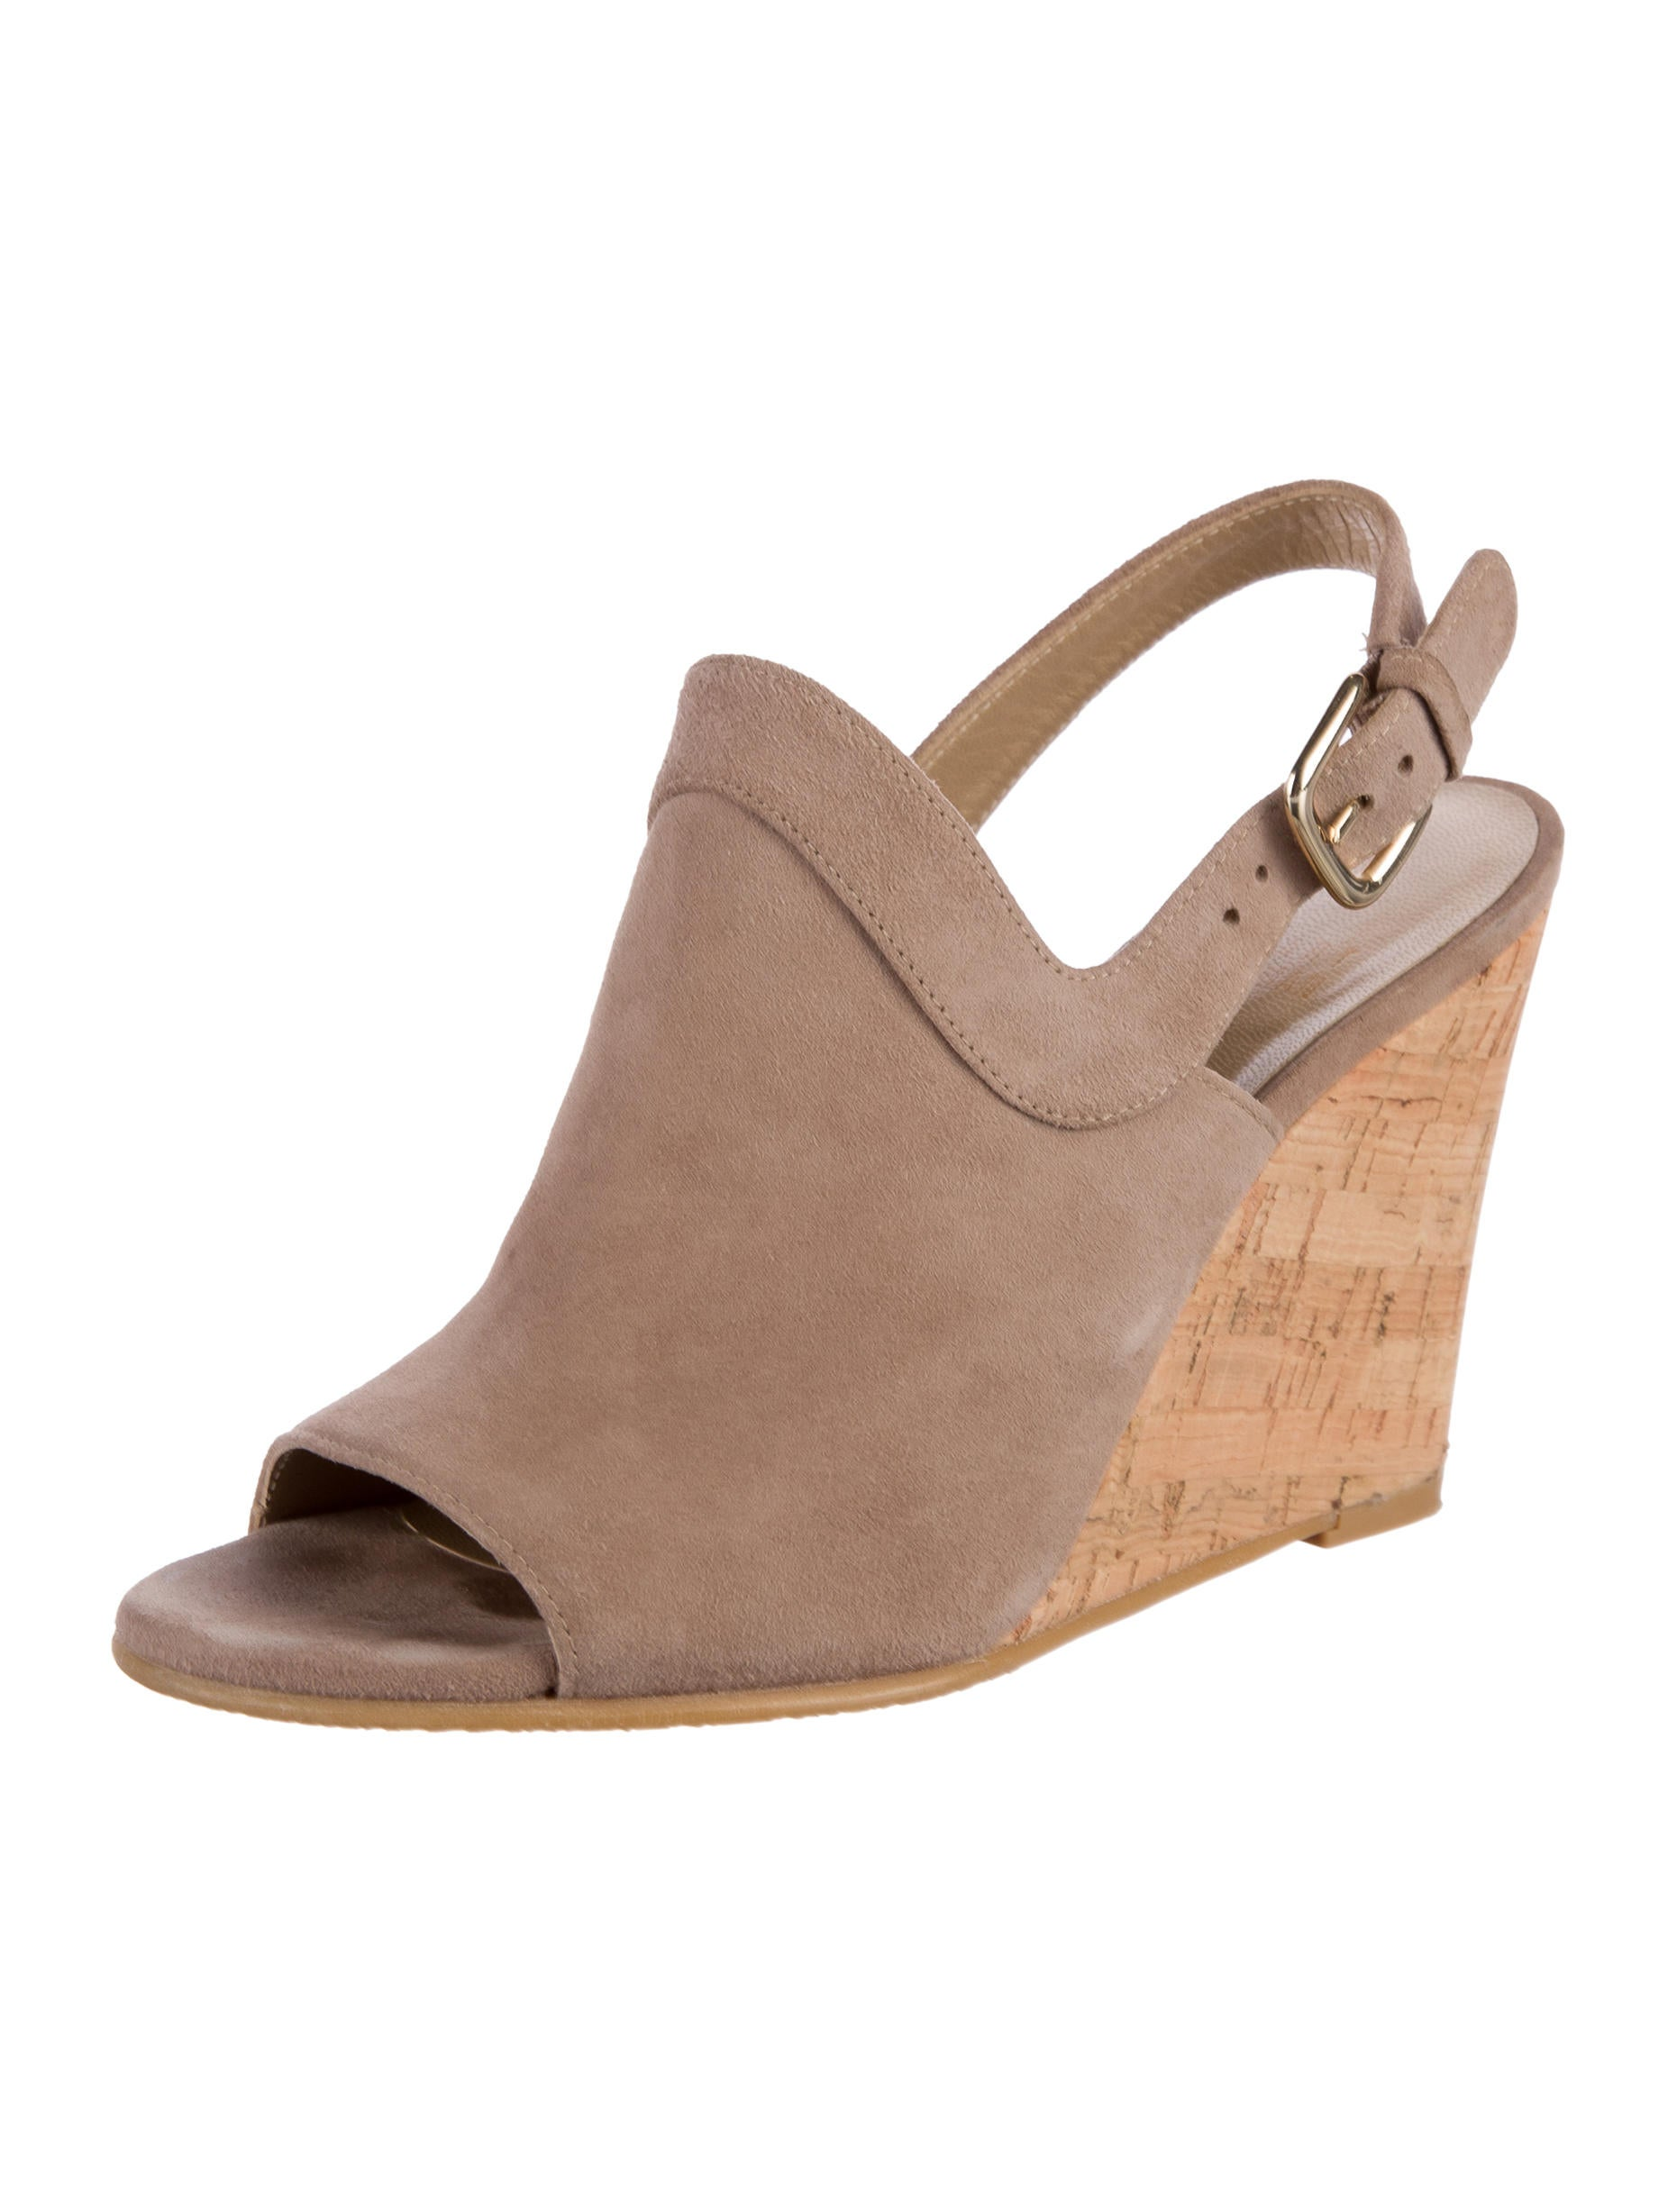 stuart weitzman suede wedge sandals shoes wsu26481